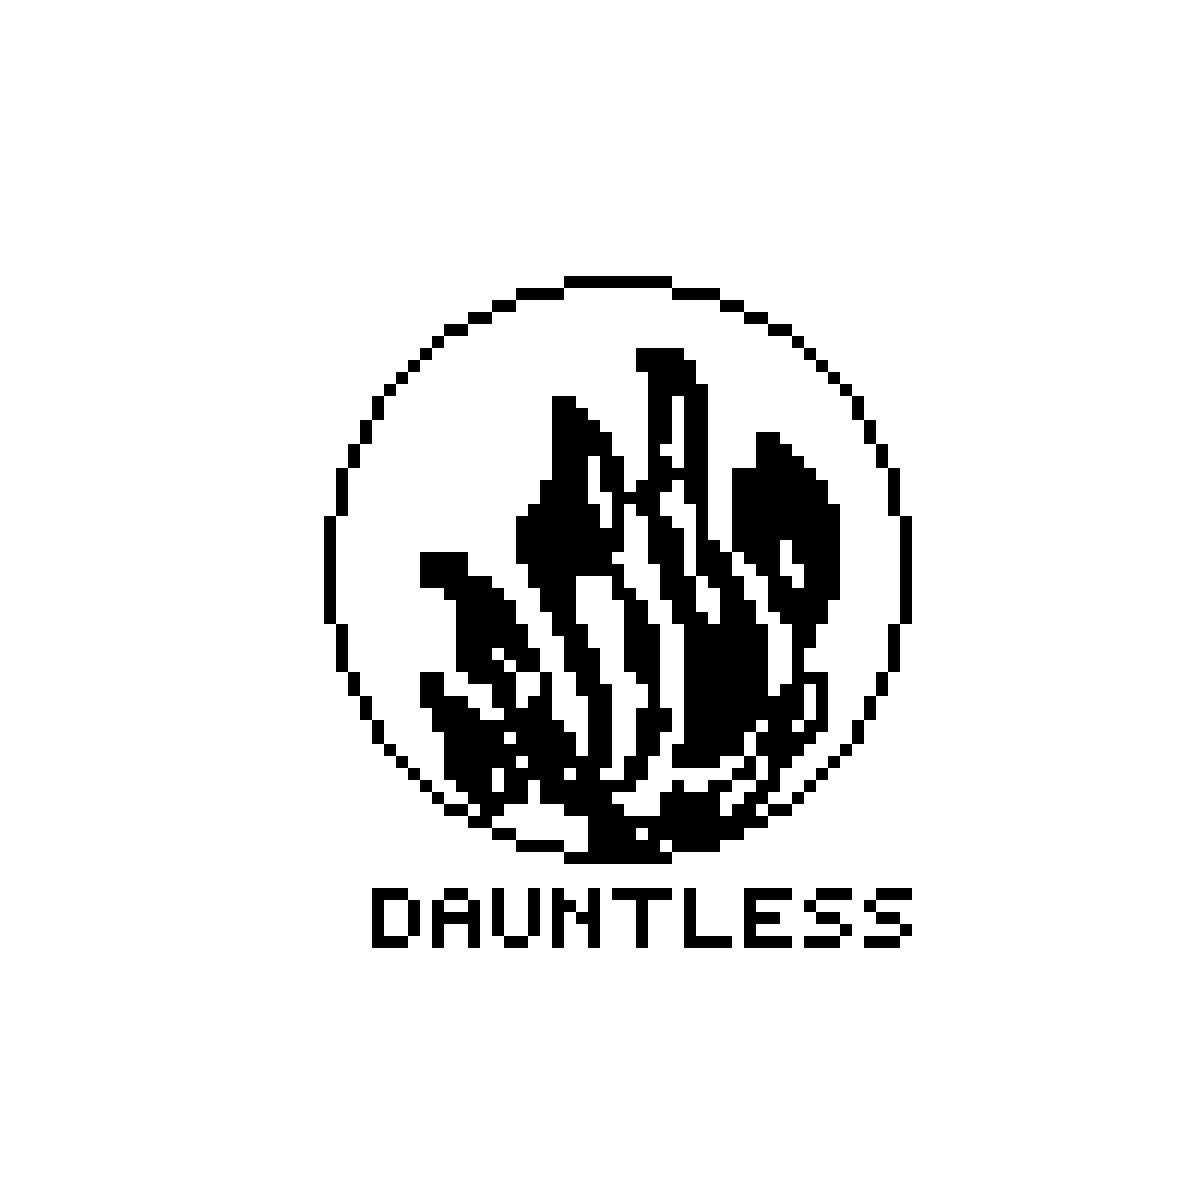 Dauntless Seal by thikkikikki04